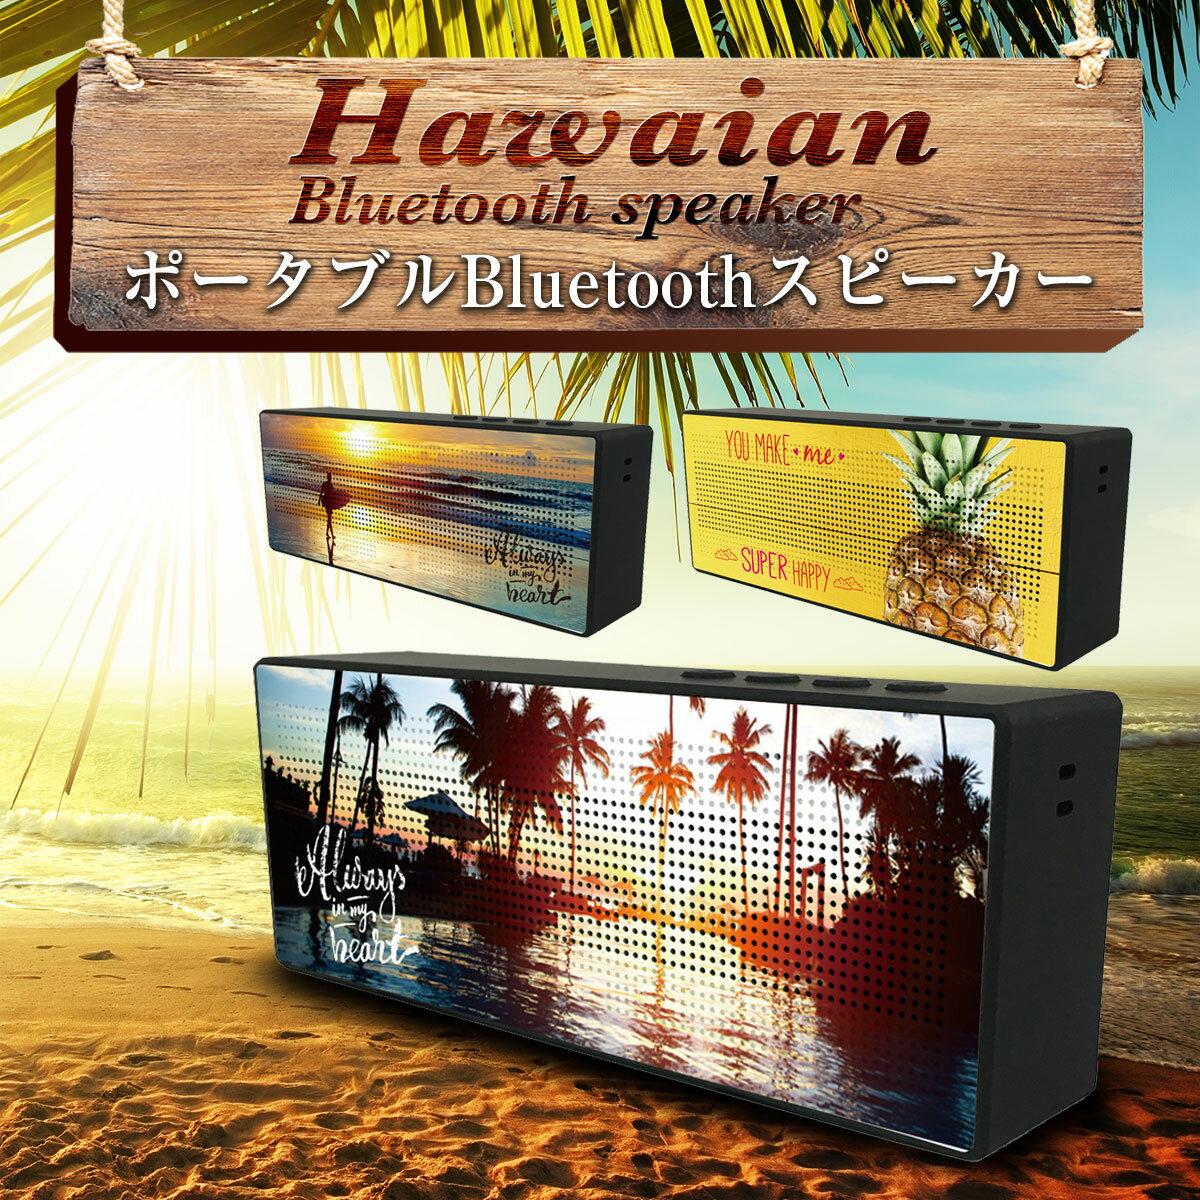 スピーカー Bluetooth 高音質 ブルートゥース スピーカー大音量 ワイヤレス スピーカー ポータブル iPhone Android ハワイアン sp01-001